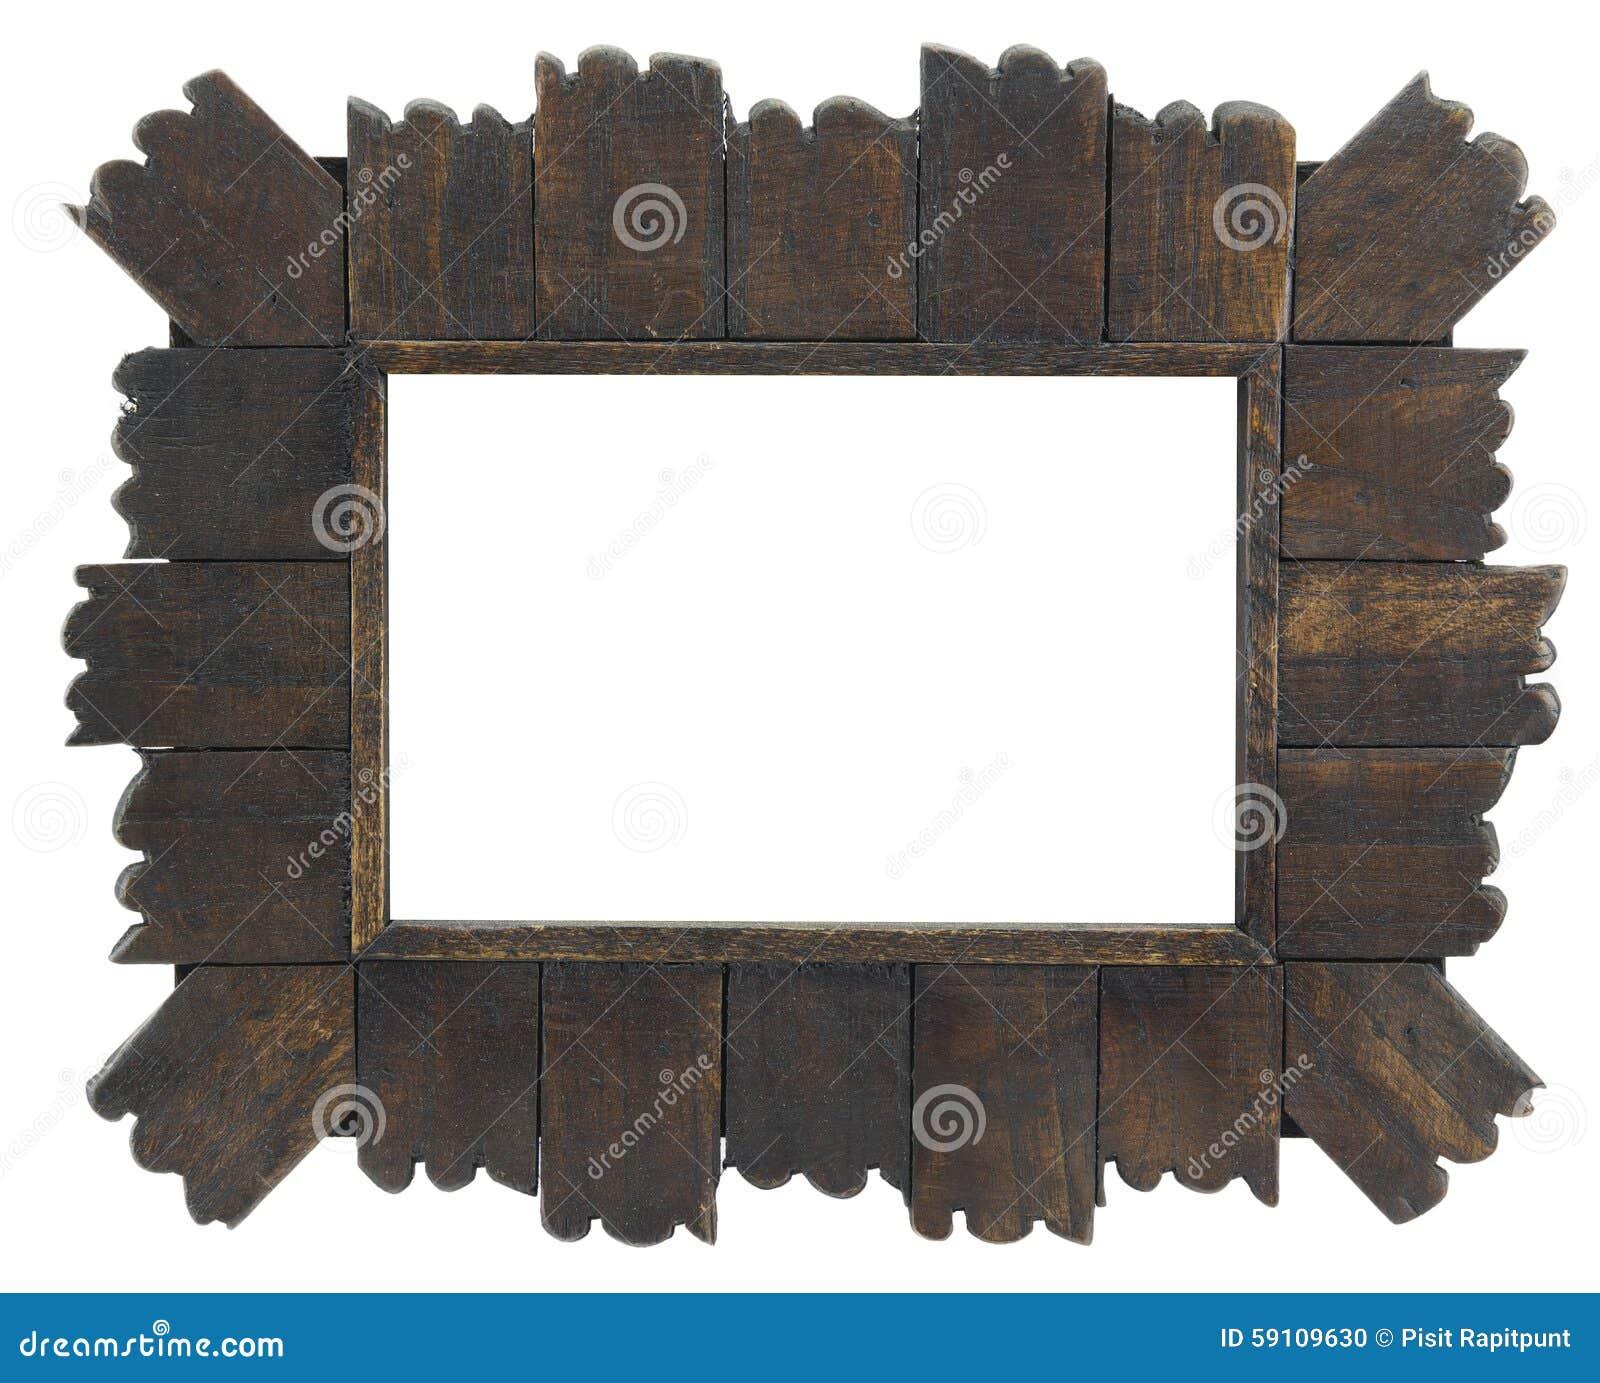 在白色的老木制框架